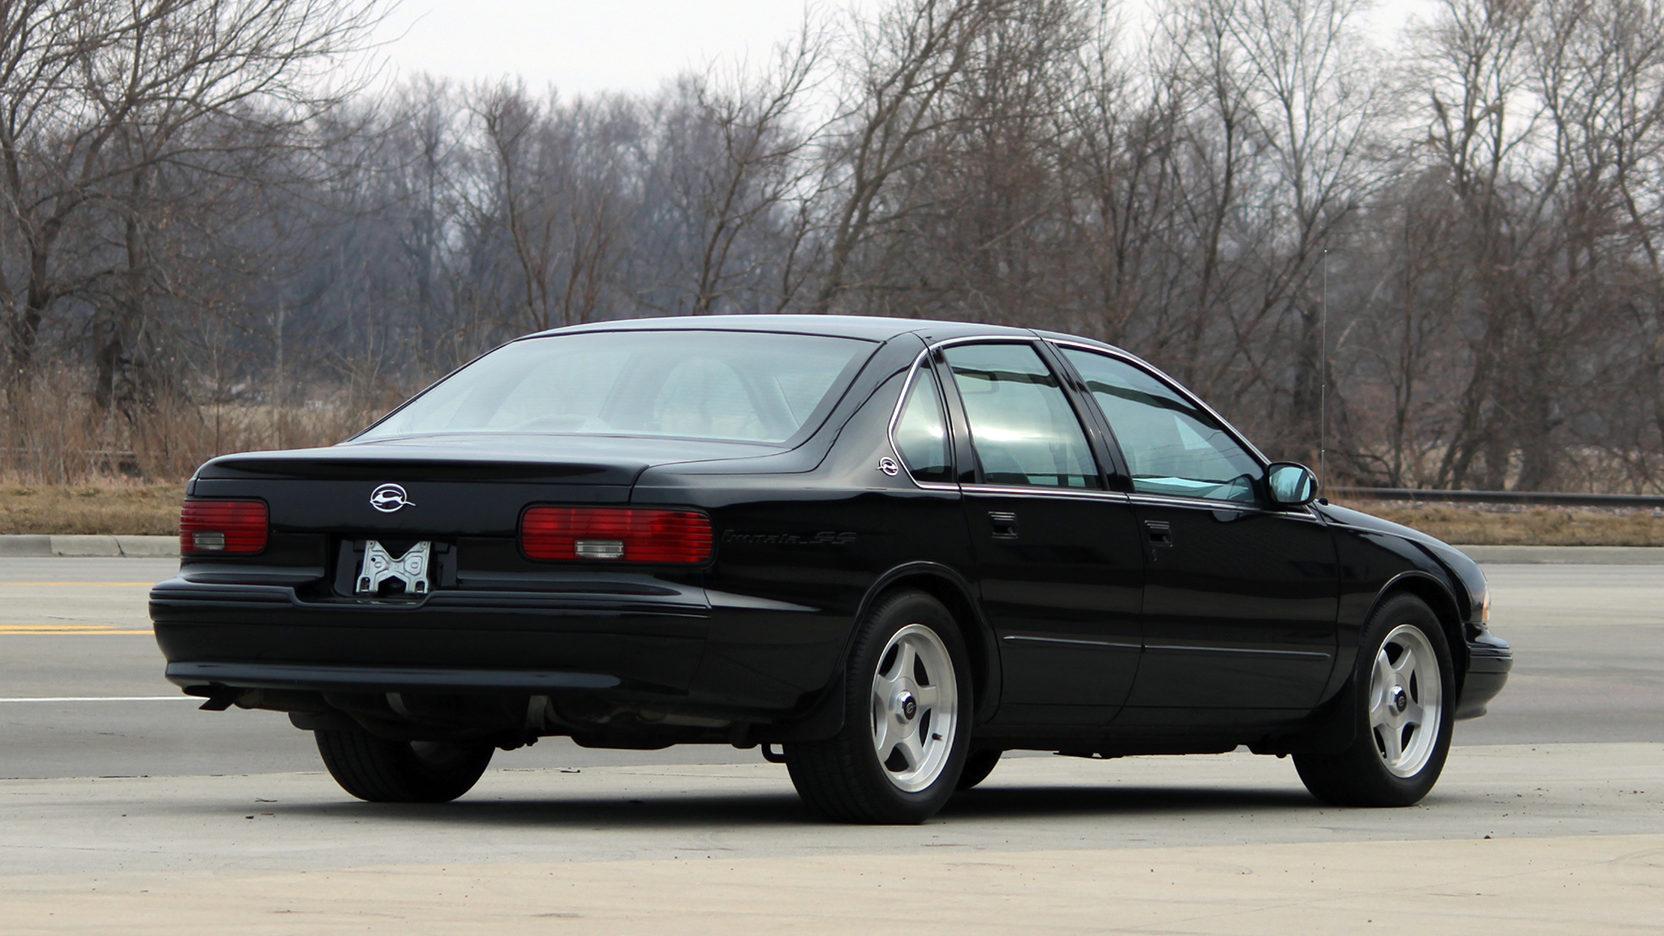 1995 Chevrolet Impala SS rear 3/4